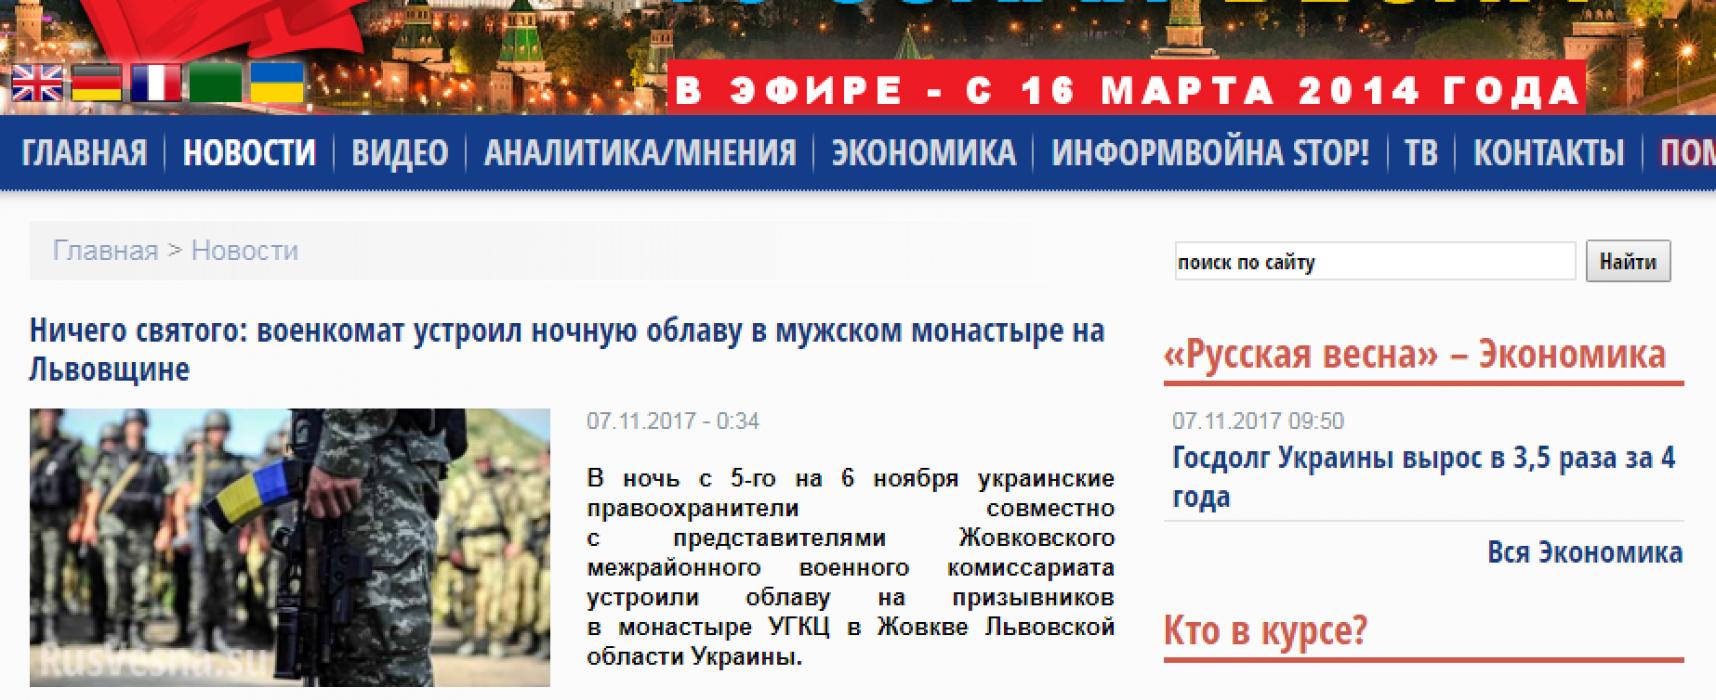 Fake: Wojskowa Komisja Uzupełnień przeprowadziła łapankę na poborowych w klasztorze Ukraińskiej Cerkwi Greckokatolickiej